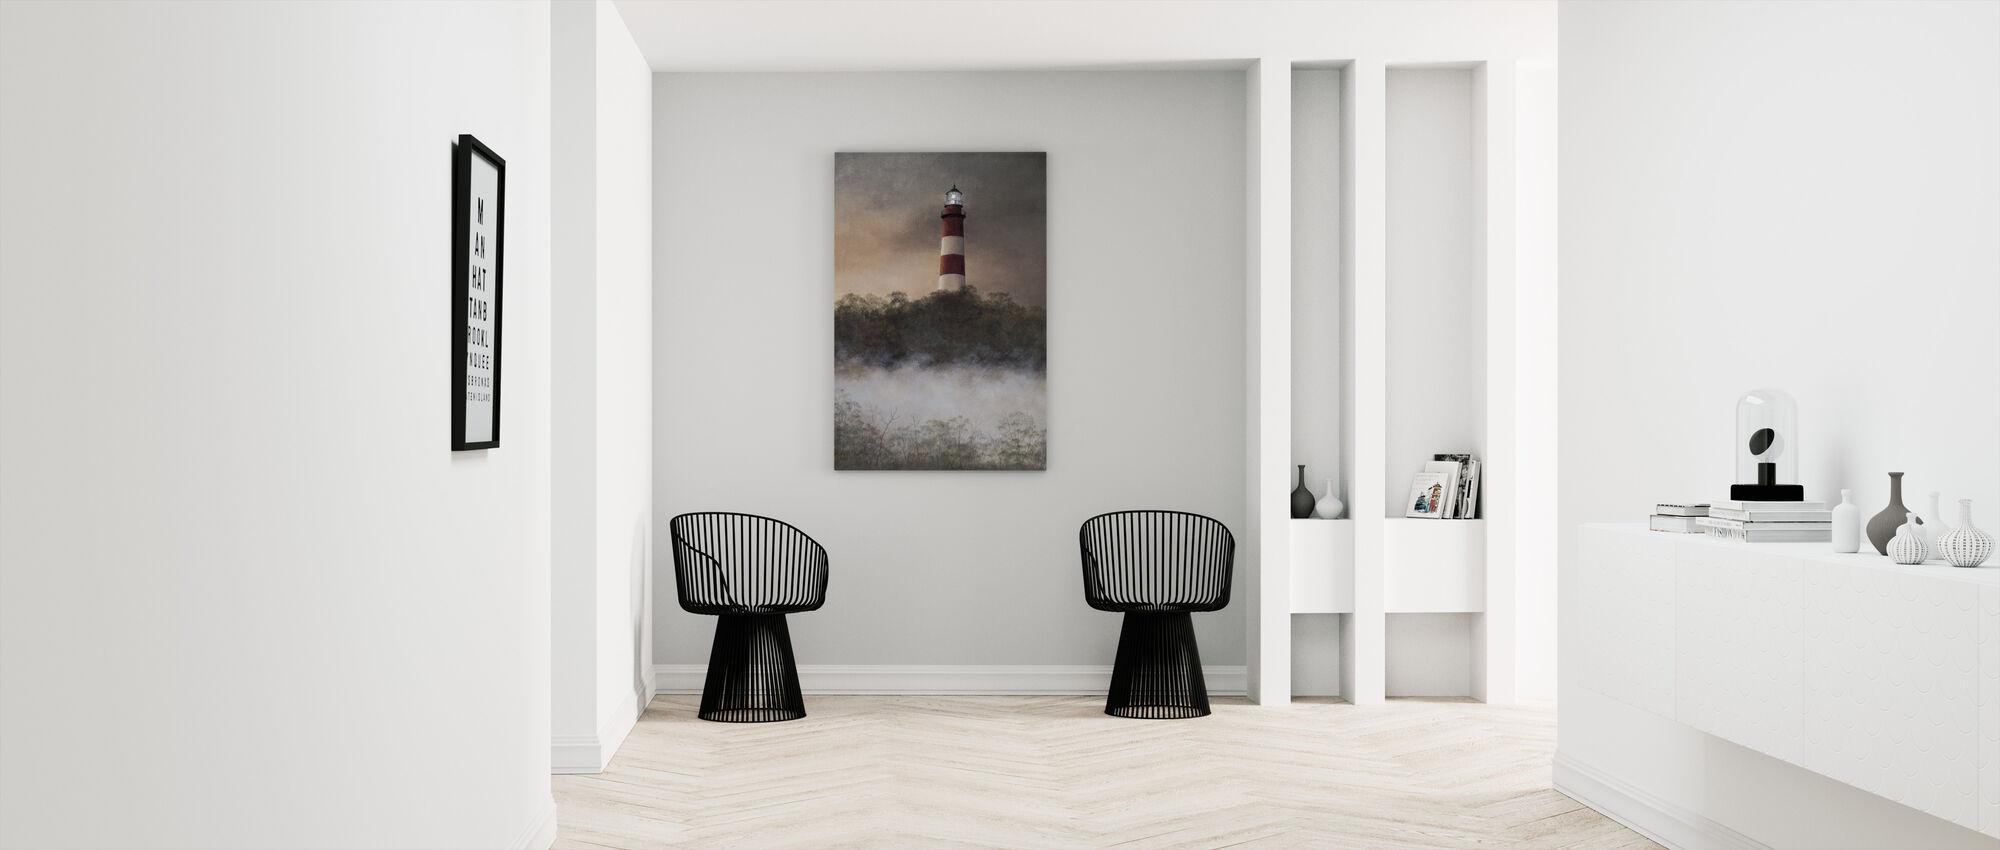 Assateague at Daybreak - Canvas print - Hallway